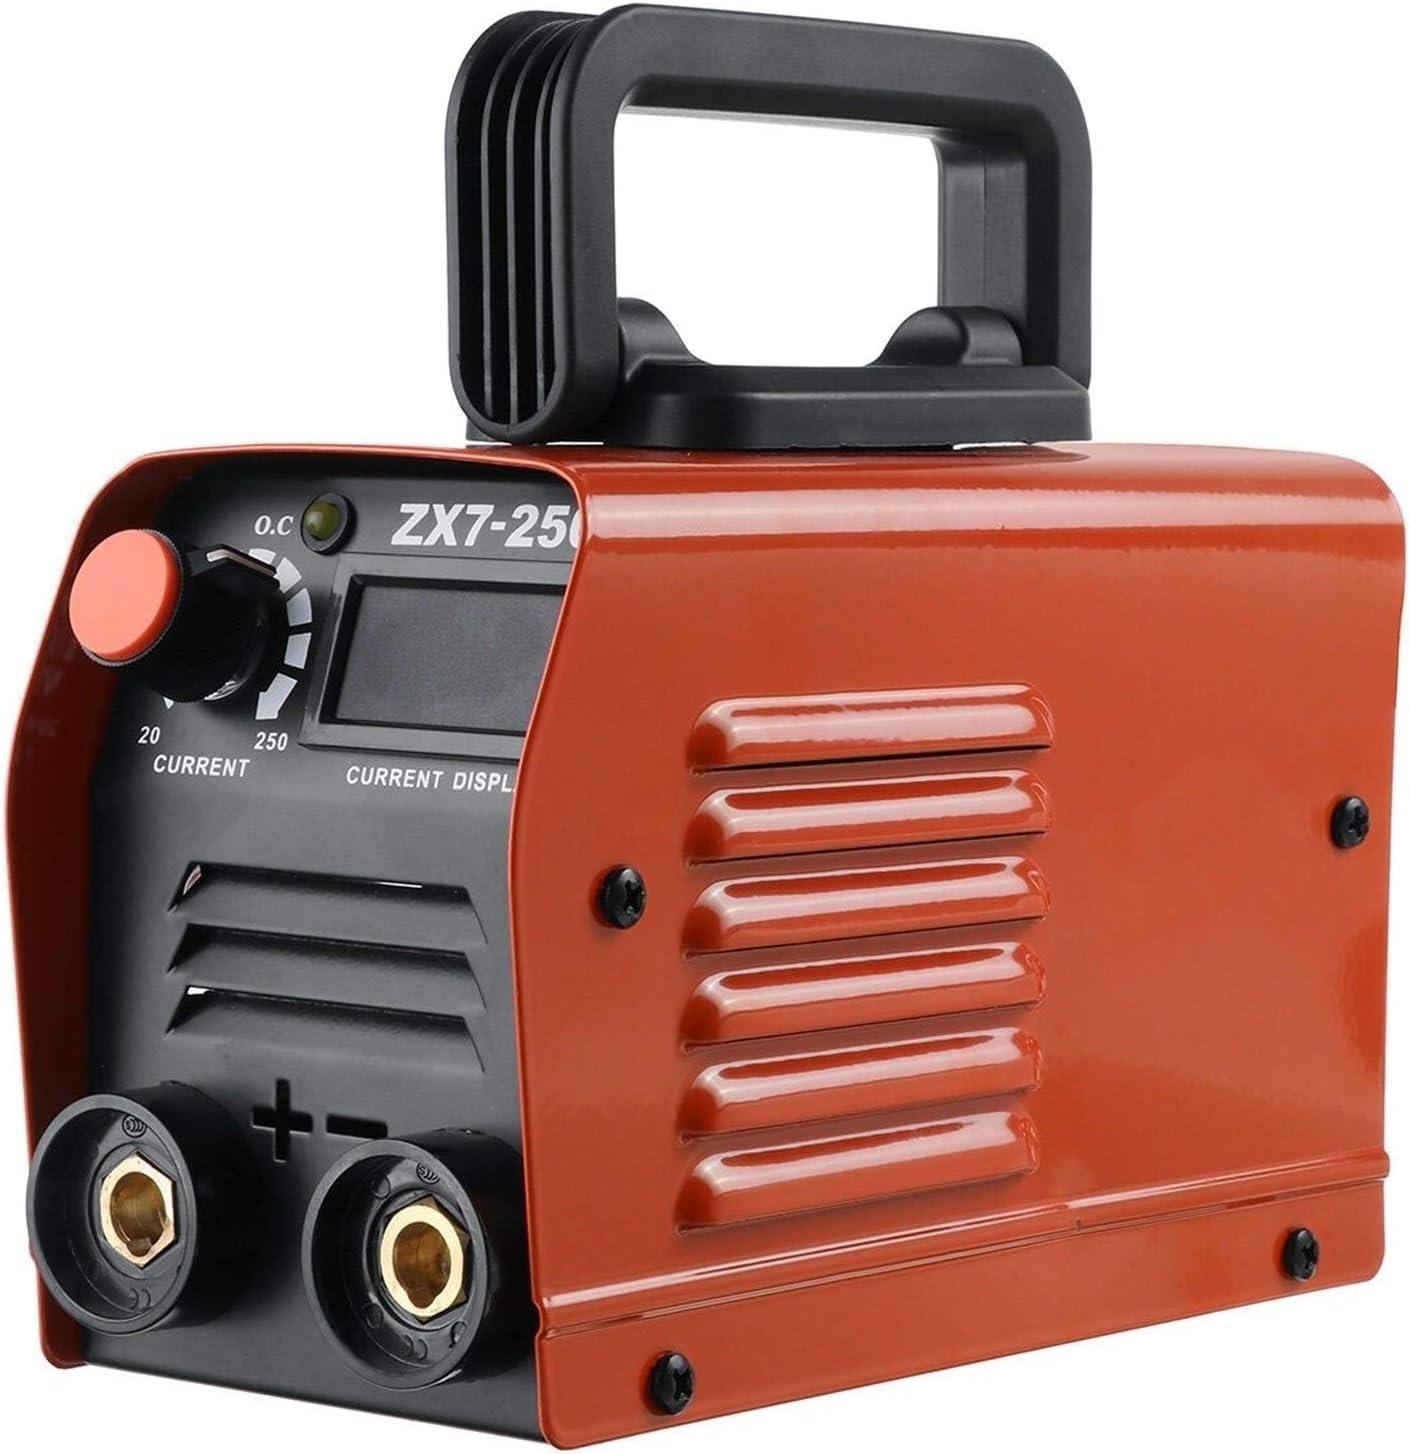 LOMAX Portátil Máquinas Herramienta de Soldadura, máquina de Soldadura eléctrica 220V del hogar DC Máquinas de soldar Herramientas eléctricas (Color : Red)